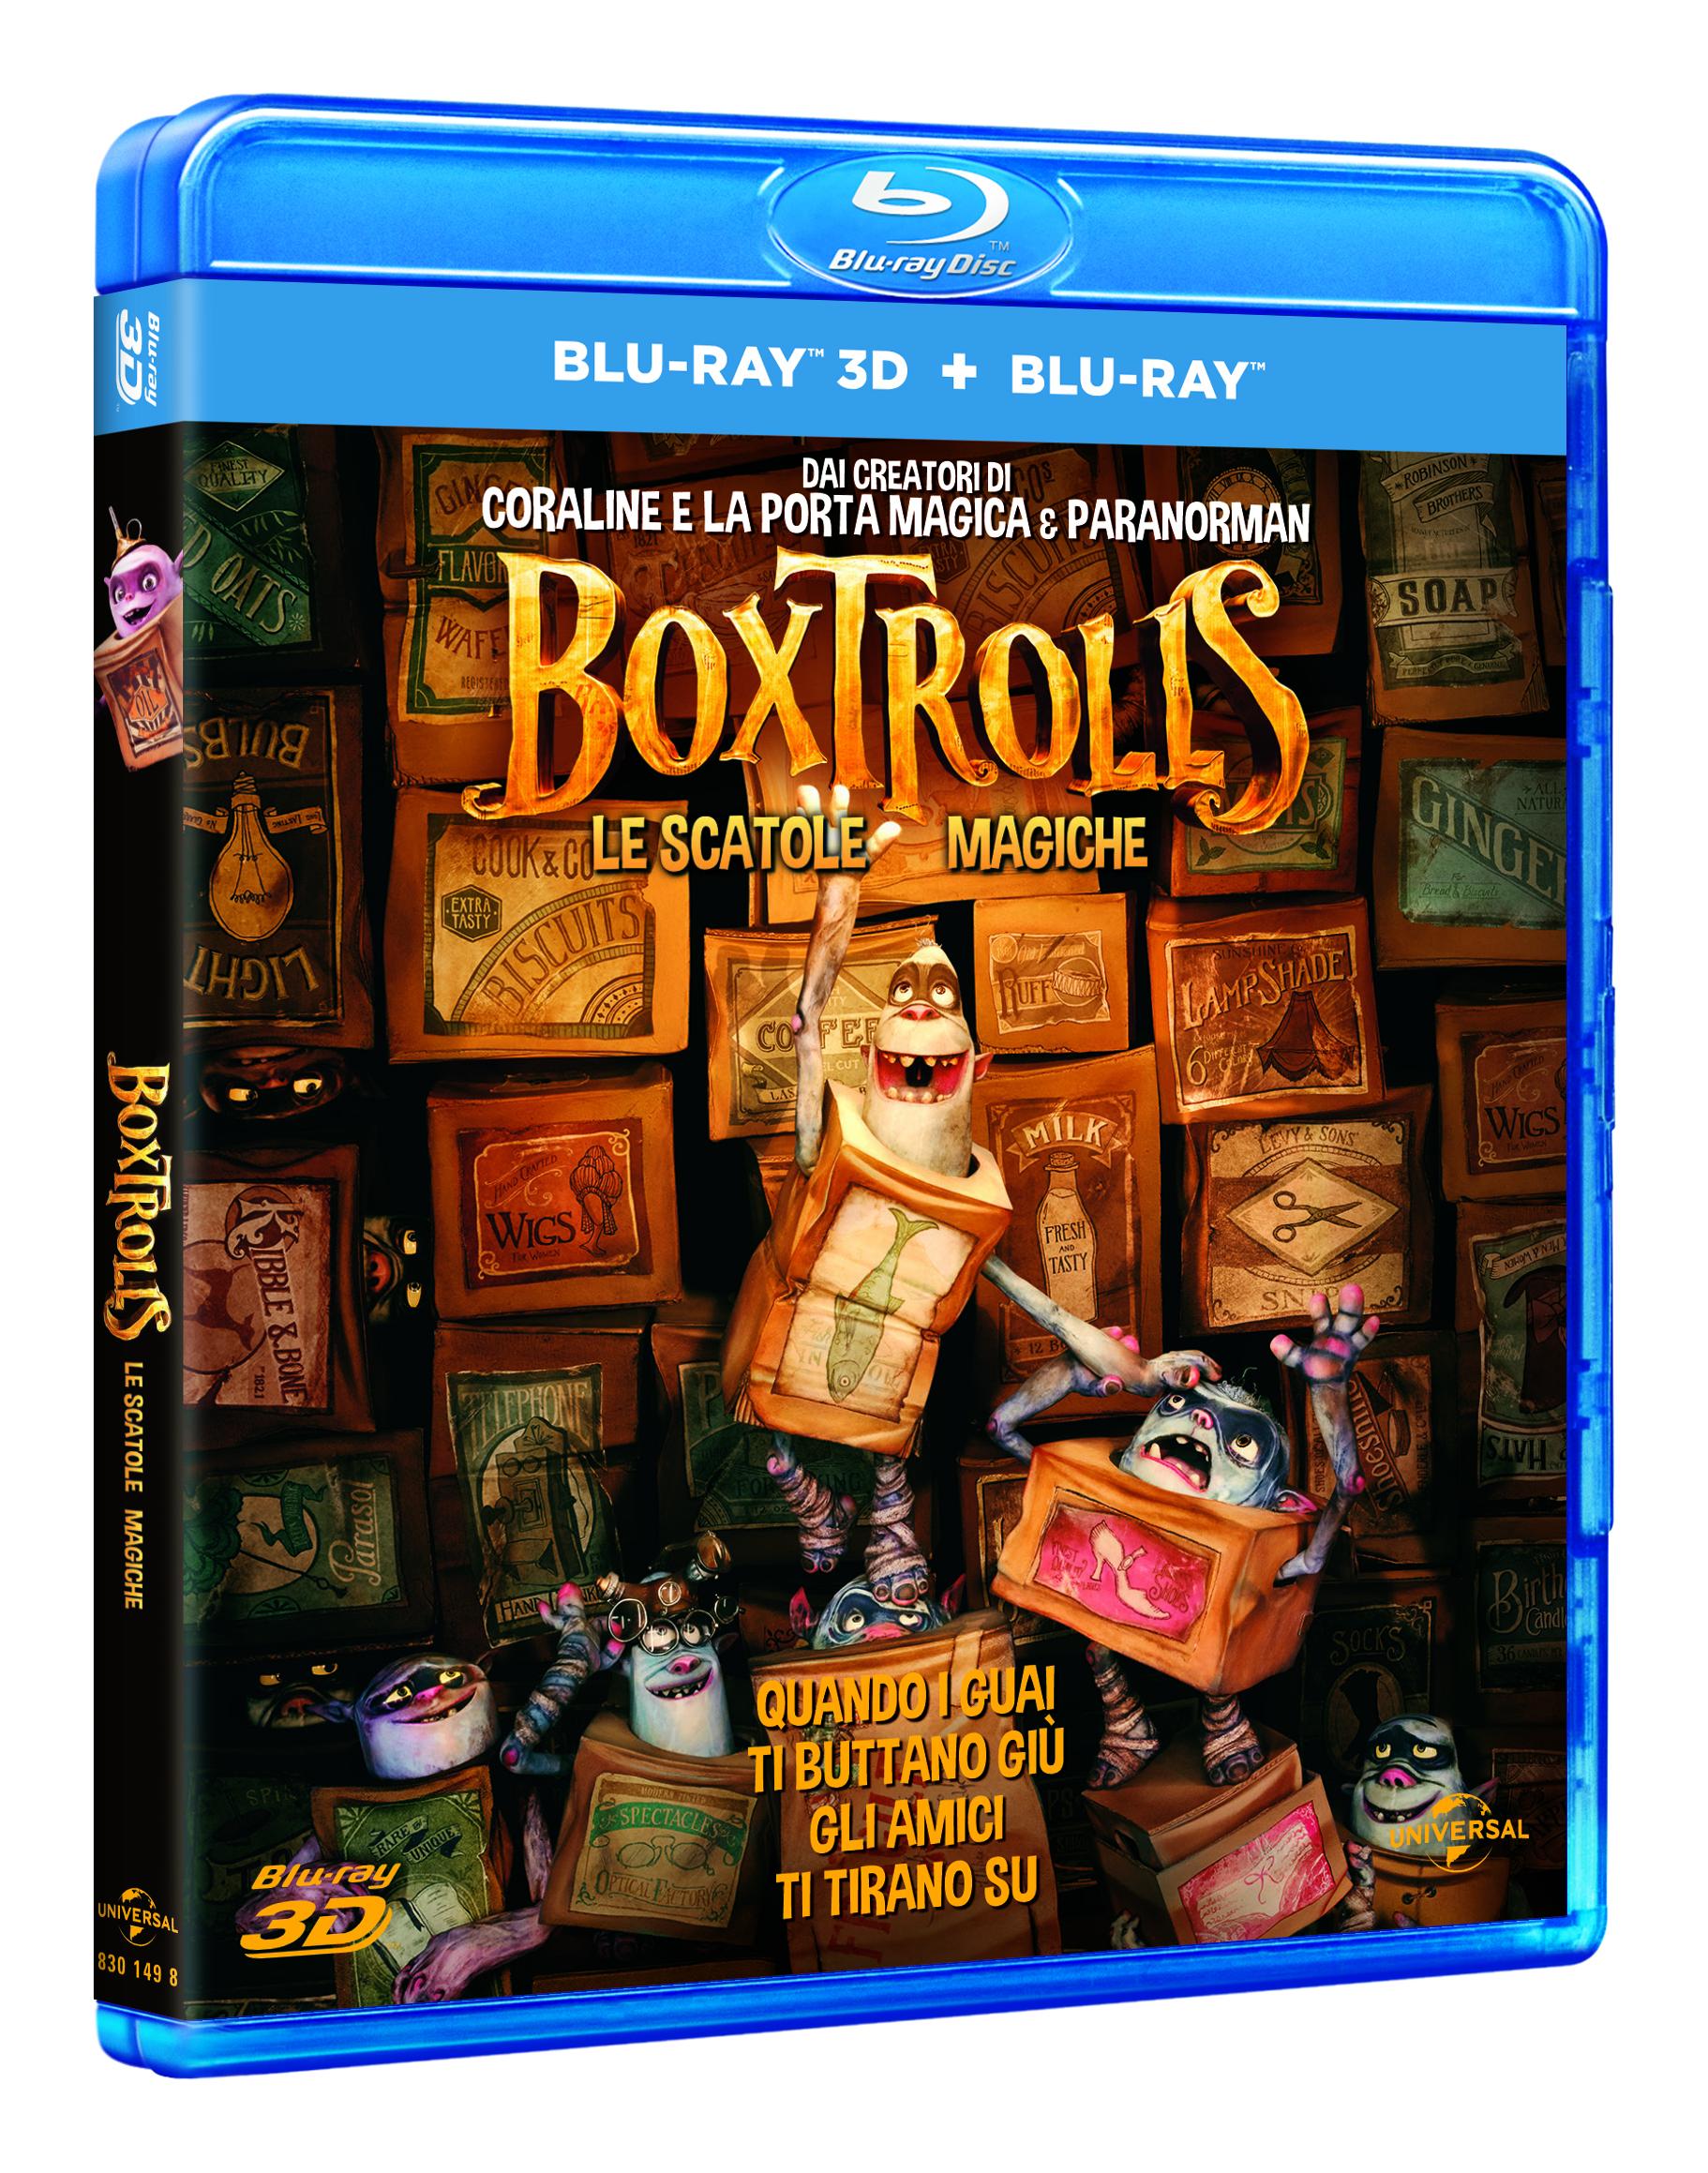 boxtrolls blu-ray 2d 3d